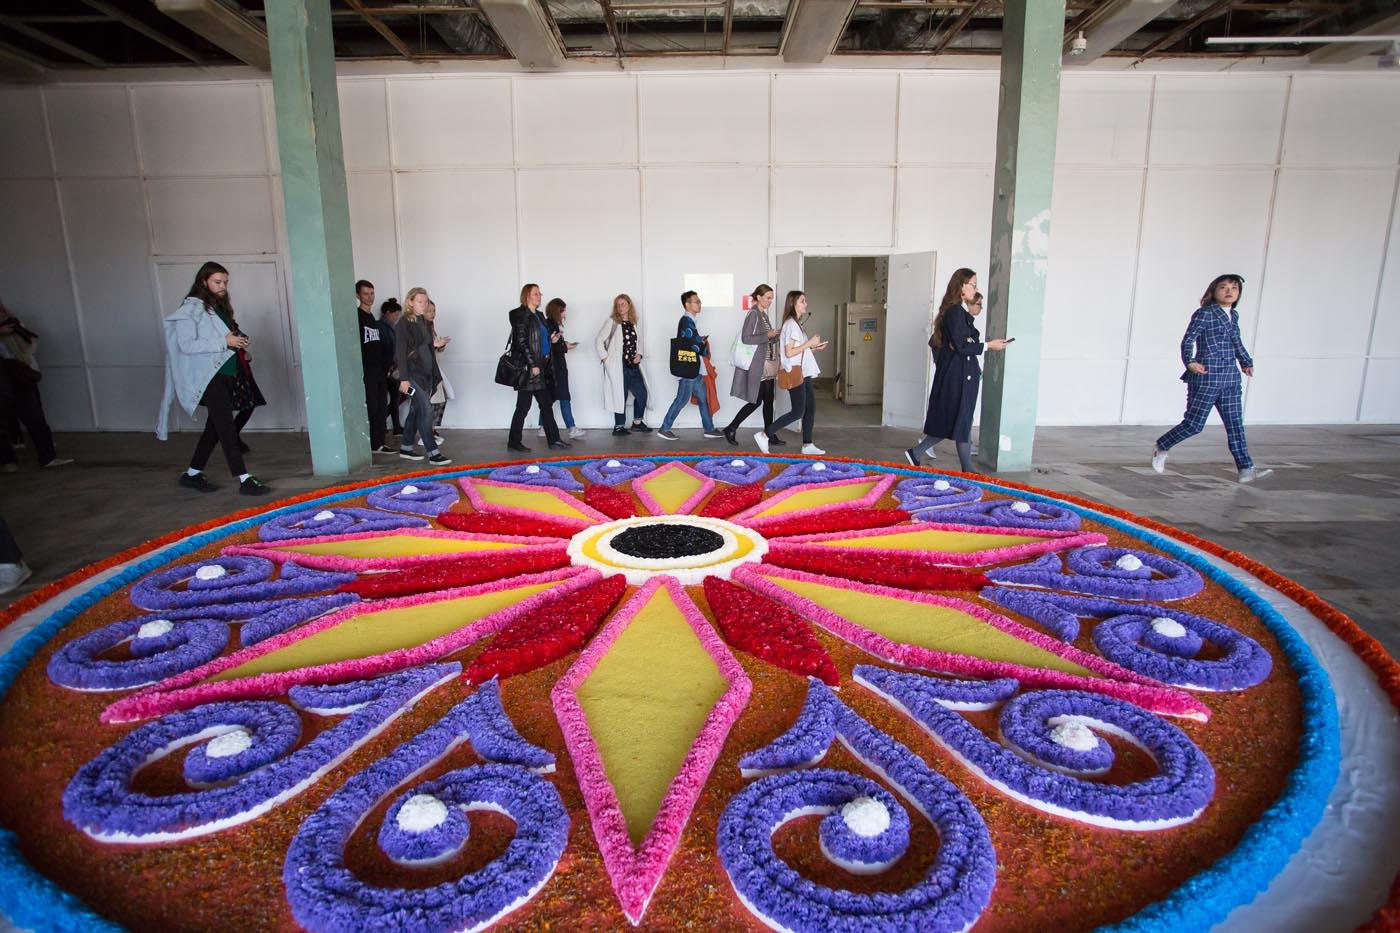 Джилл Маджид, Подношение (Цветочный ковер, из Кунстхалле в Санкт-Галлене) (Искусственные цветы, живые цветы, окрашенные о